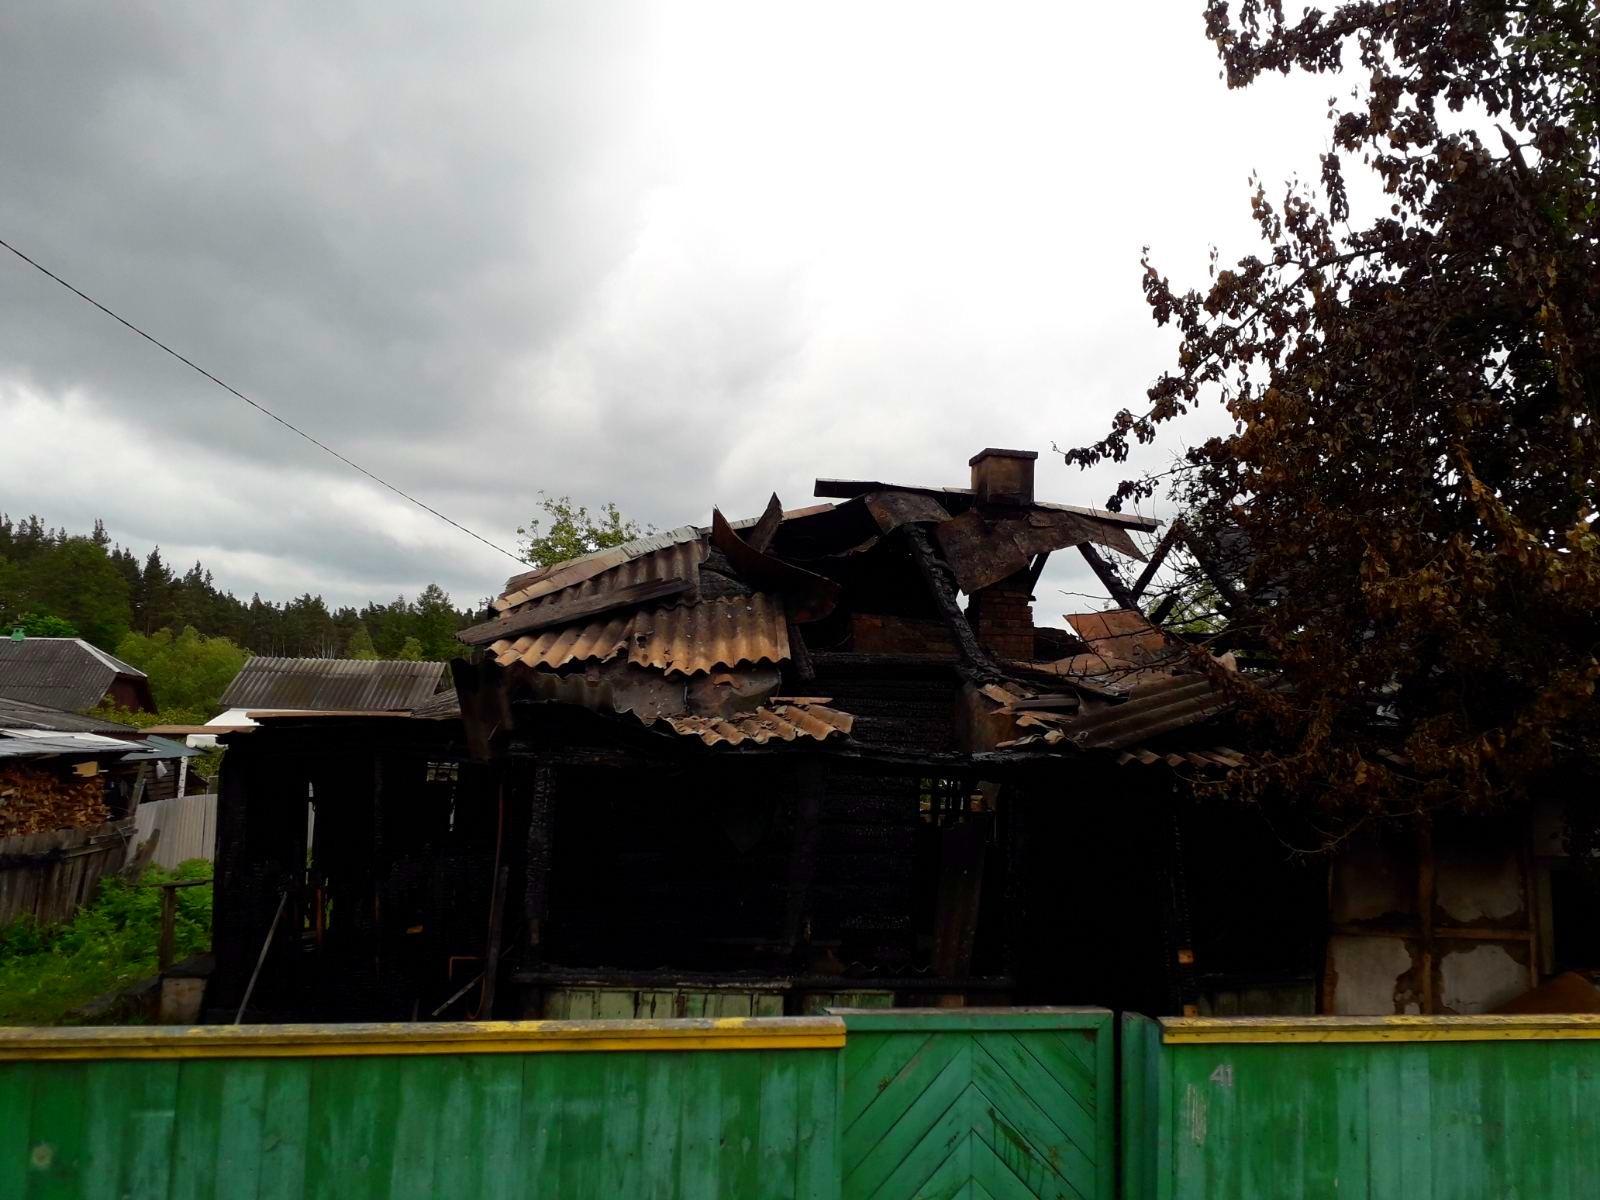 На Київщині 65-річний чоловік загинув під час пожежі у власному будинку - пожежа будинку, Пісківка - 03